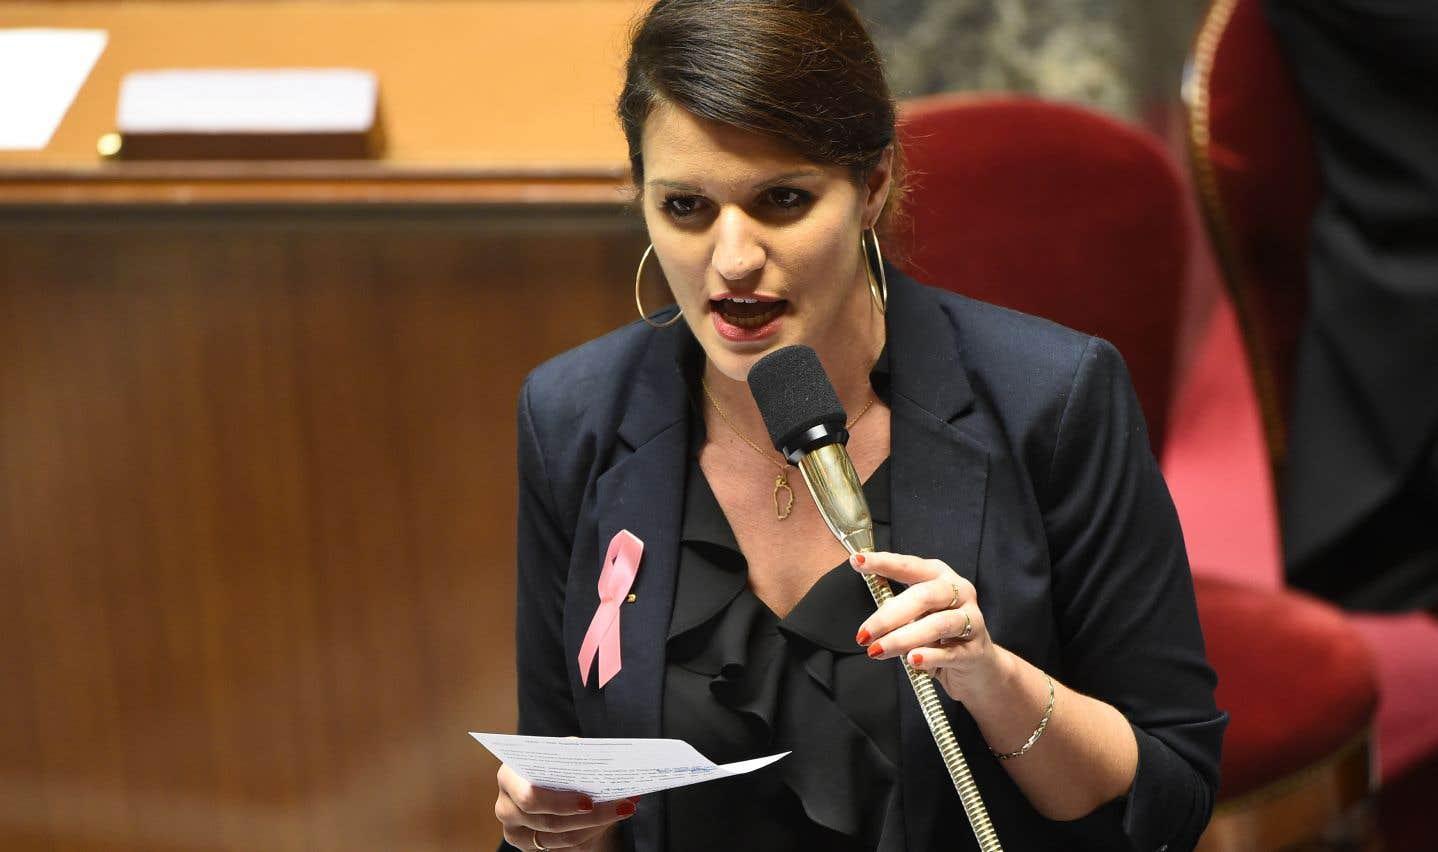 La France veut criminaliser le harcèlement sexuel